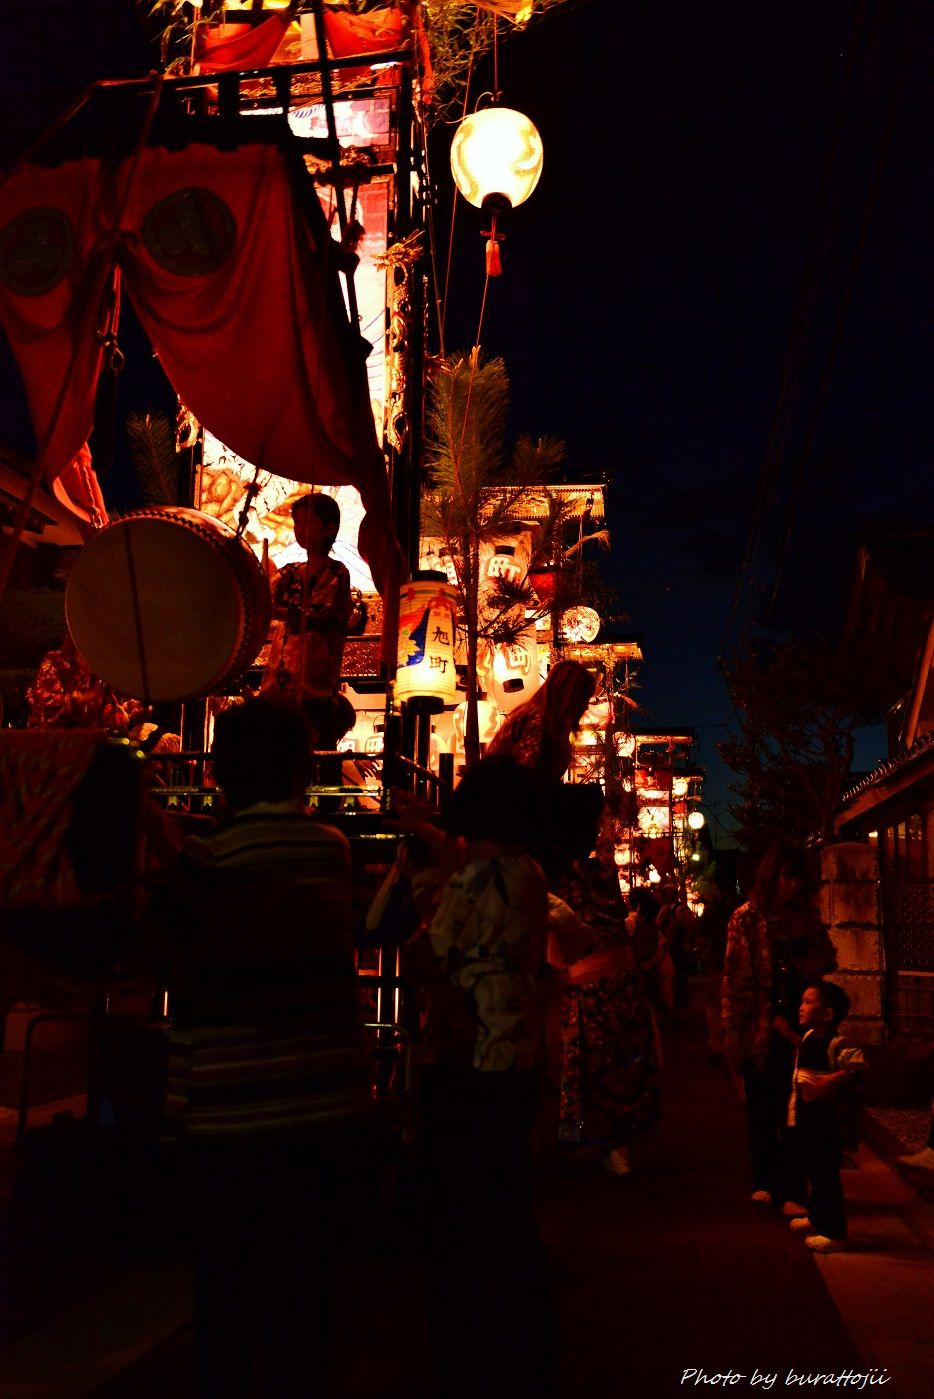 2014.09.11蛸島キリコ祭りの夜8